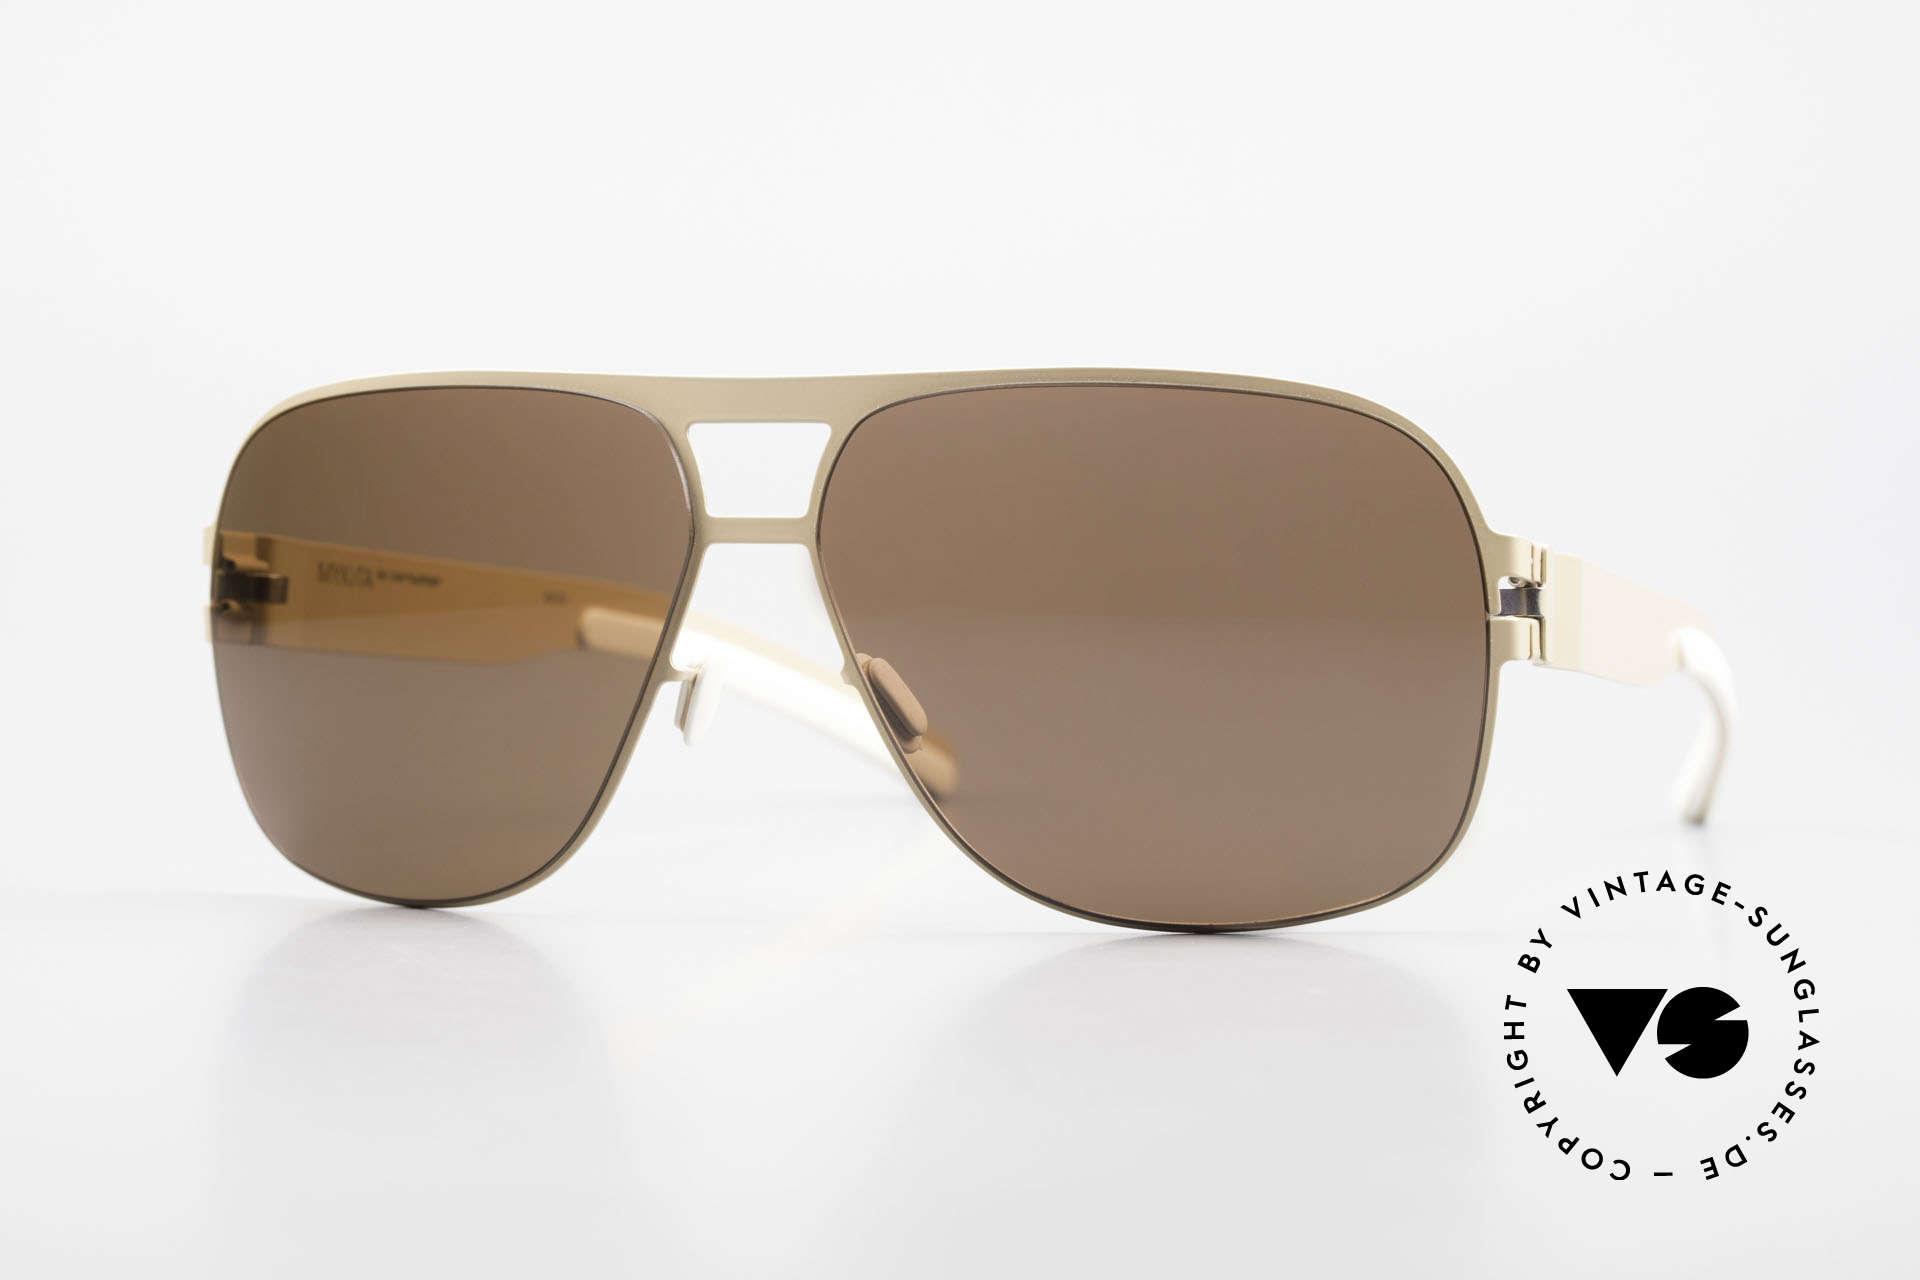 Mykita Clifford 2000's Aviator Vintage Shades, original VINTAGE MYKITA men's sunglasses from 2011, Made for Men